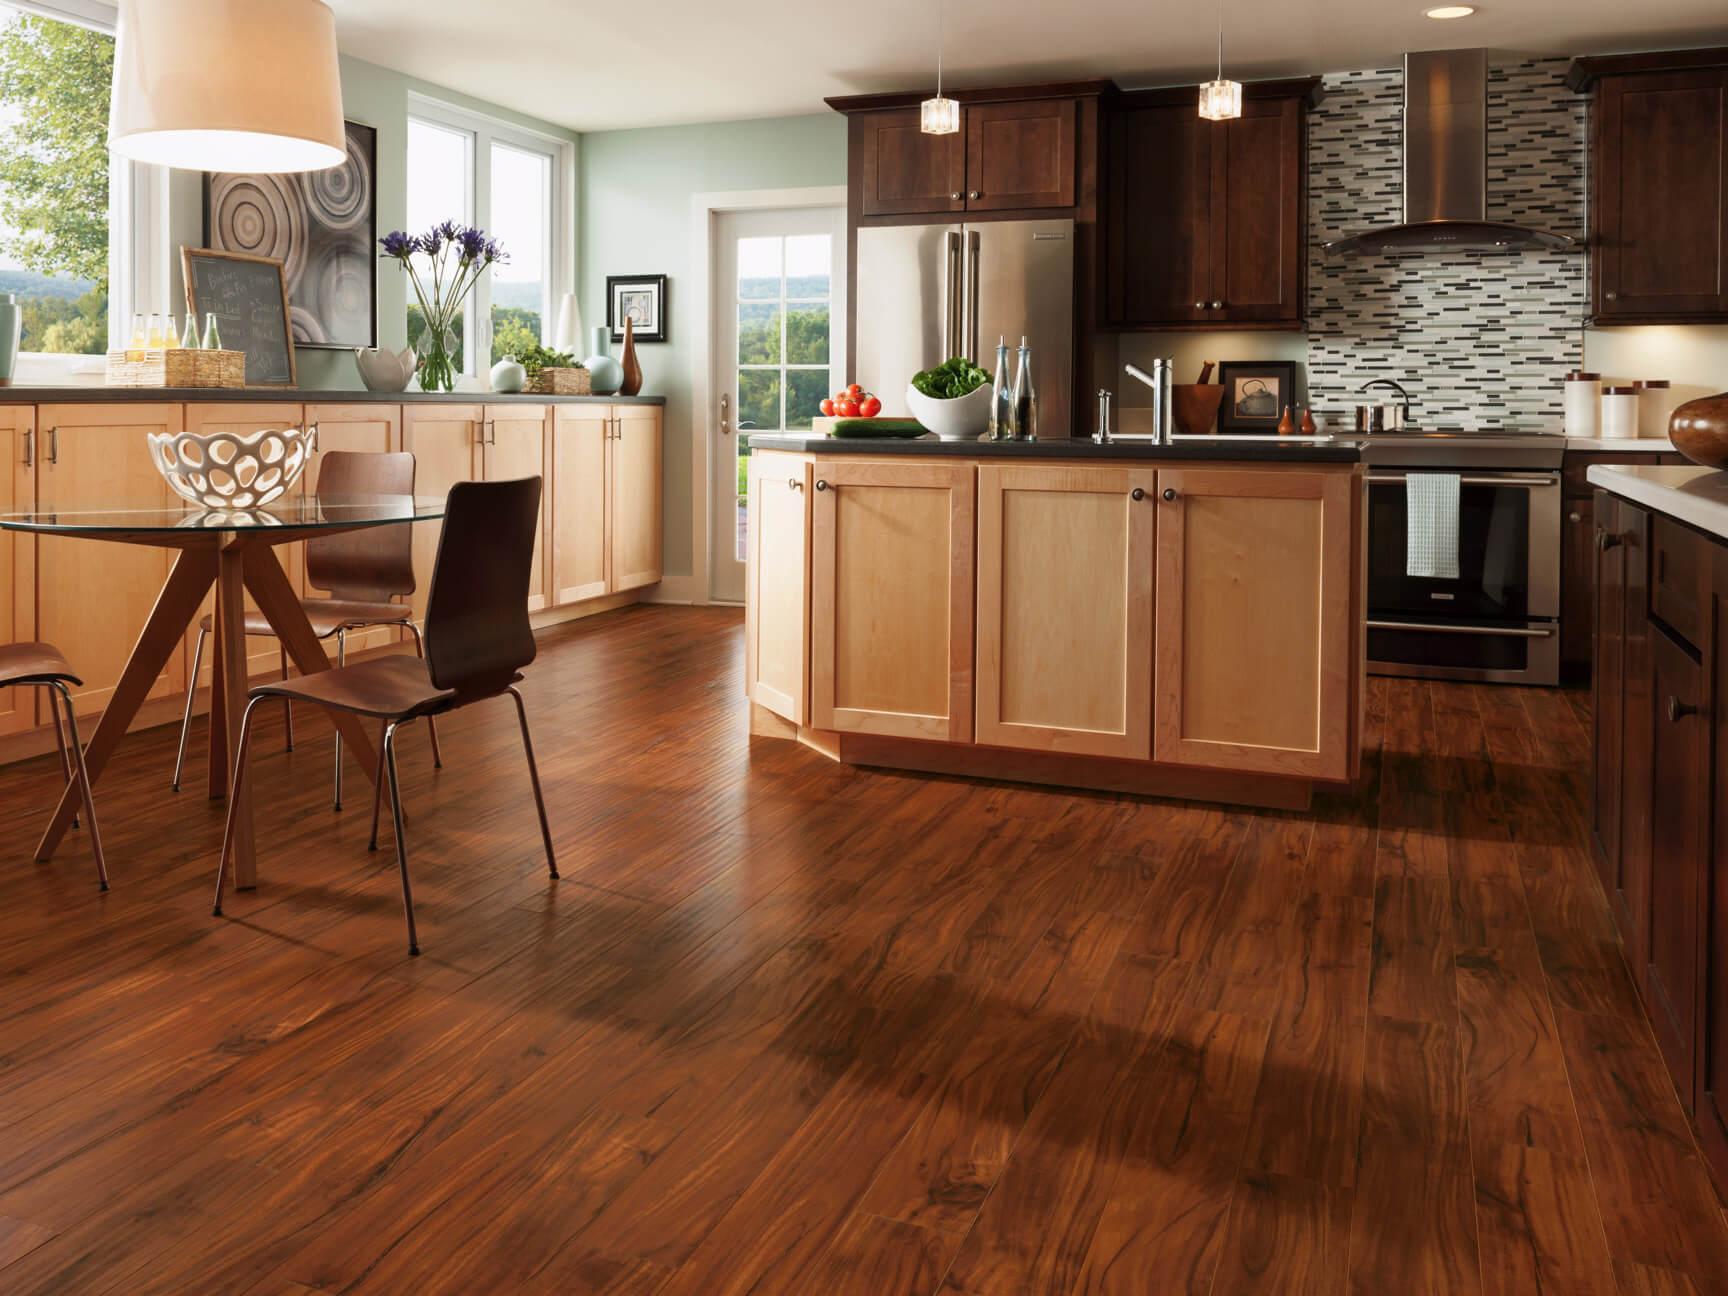 Ứng dụng Laminate trên sàn gỗ công nghiệp